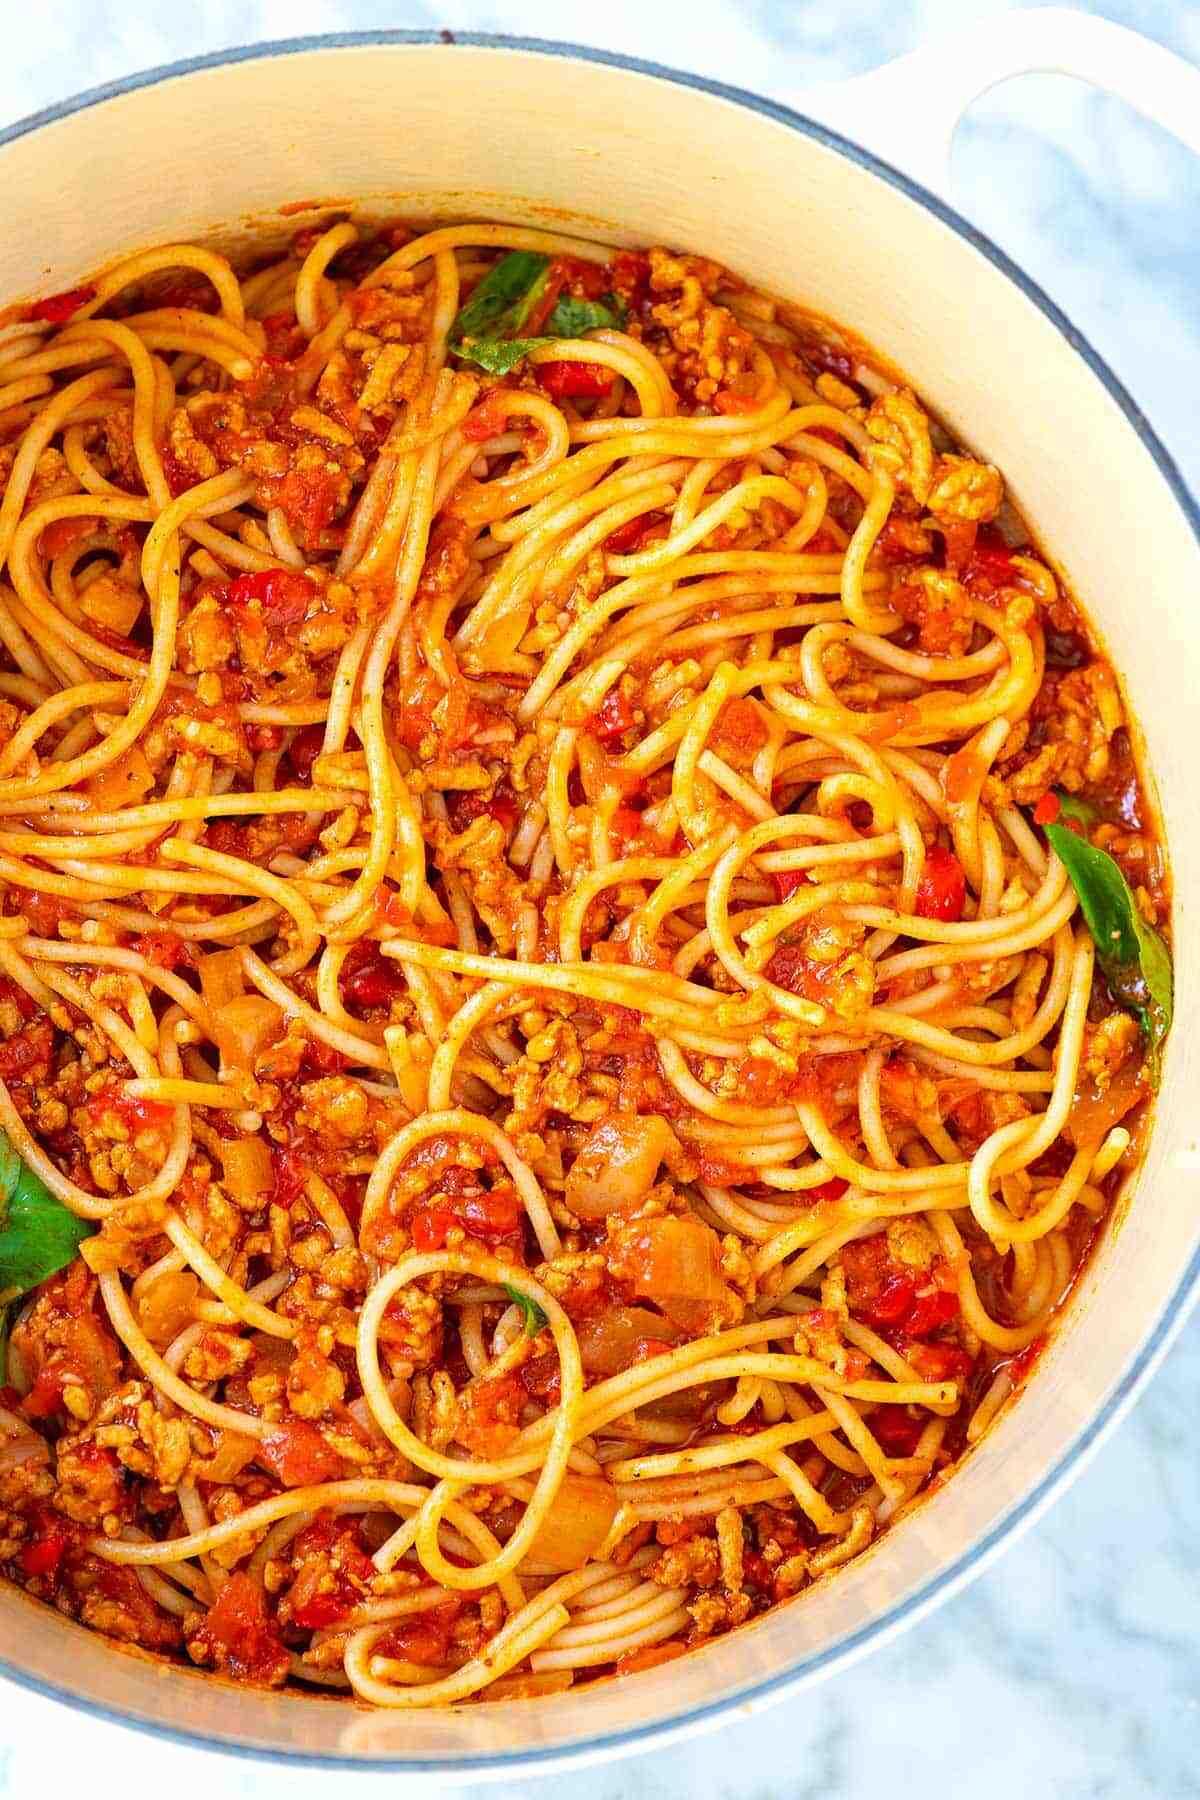 Comment préparer rapidement un plat de spaghettis